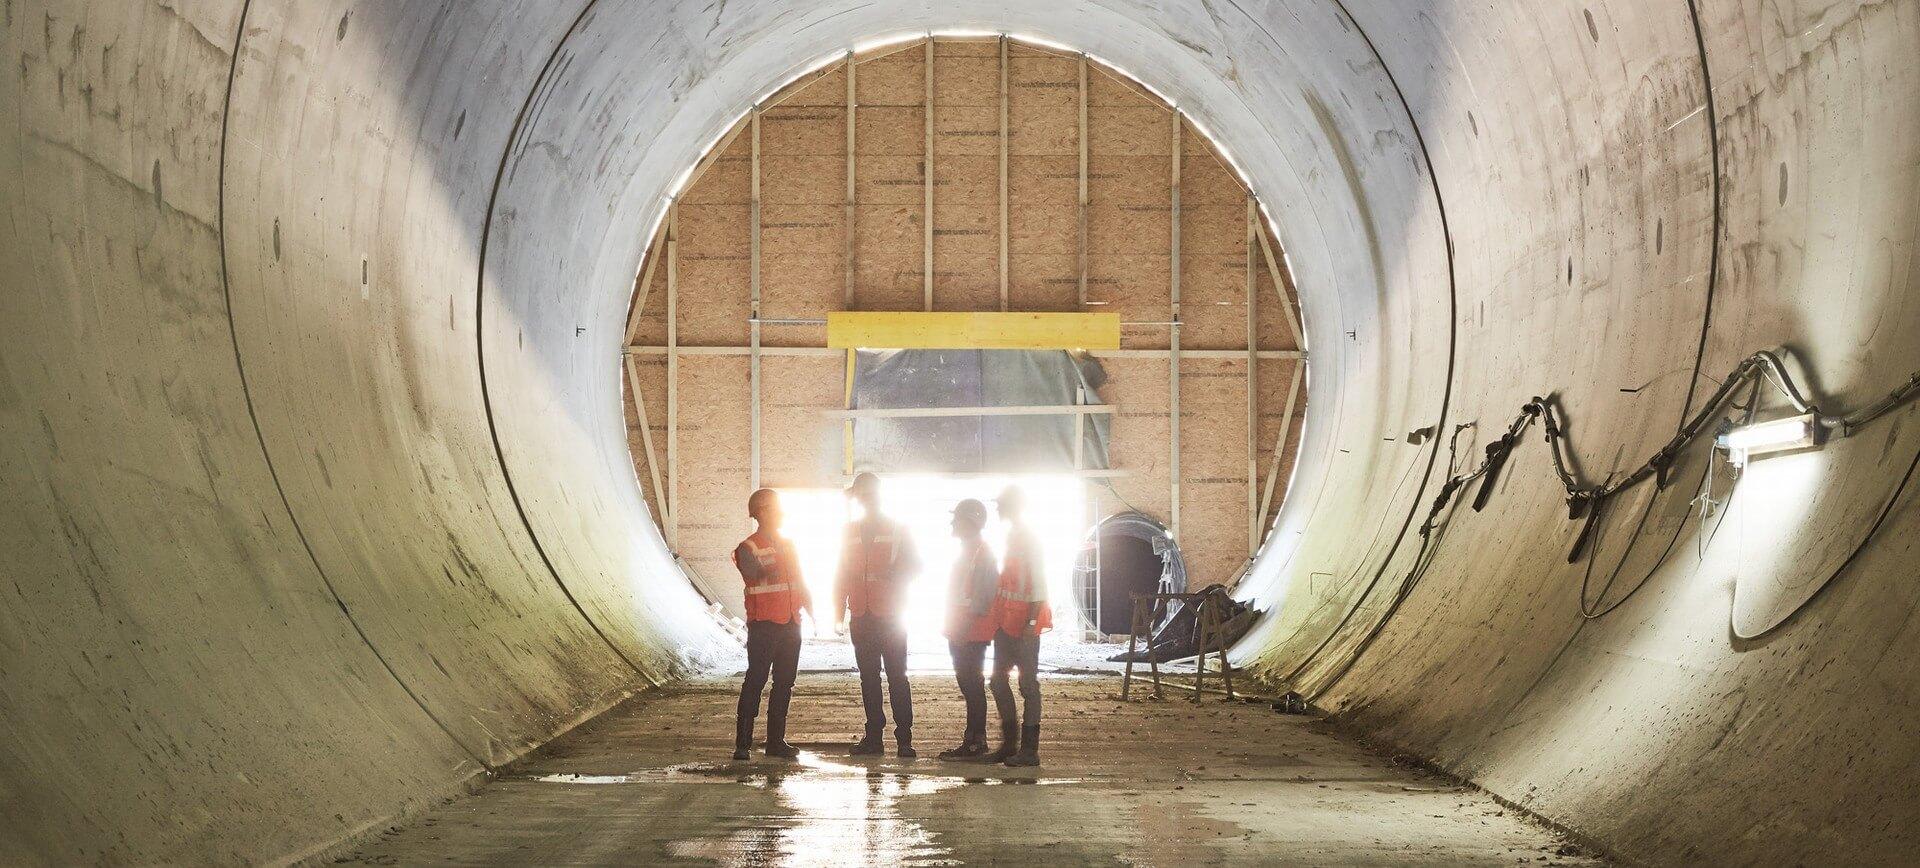 mplus-mitarbeiter-im-tunnel